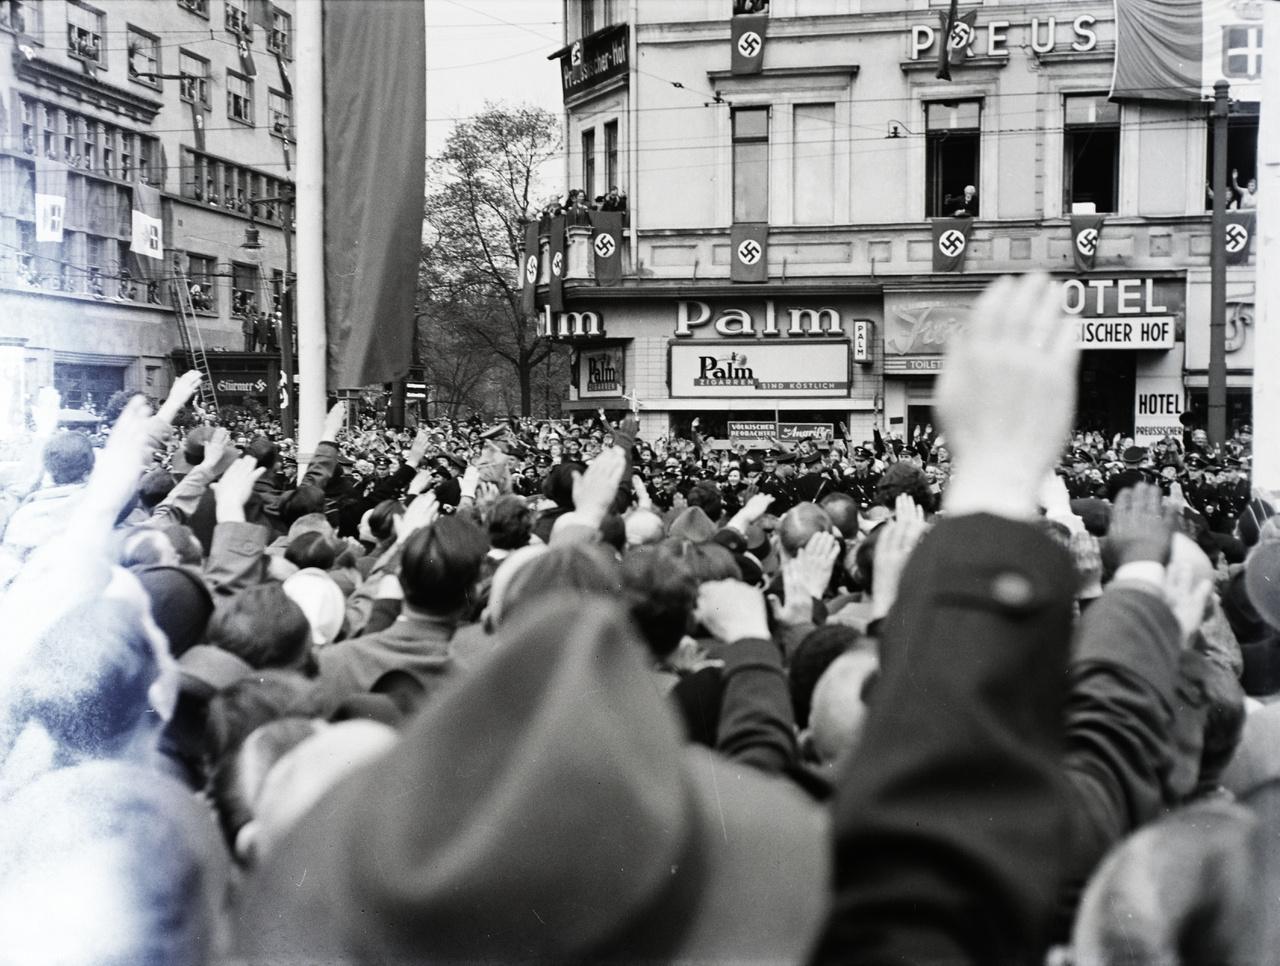 """A Führer megérkezett, nyitott autóban állva köszönti a berlinieket - profilját a kép közepétől balra könnyen ki lehet venni. Goebbels propagandaminiszter pontos utasításokban  instruálta Berlin népét, miként illik megünnepelni ezt a napot. """"Millió kéz intsen neki, millió száj kiáltsa feléje az egész lakosság háláját, senkinek sem szabad hiányozni az utcákról, ha a Führer jön. Zárjátok be üzemeiteket és egyetlen épület, üzlet, lakás ne legyen girland és zászlódísz  nélkül. Éljen Hitler, éljen népünk és az egész  birodalom!"""""""